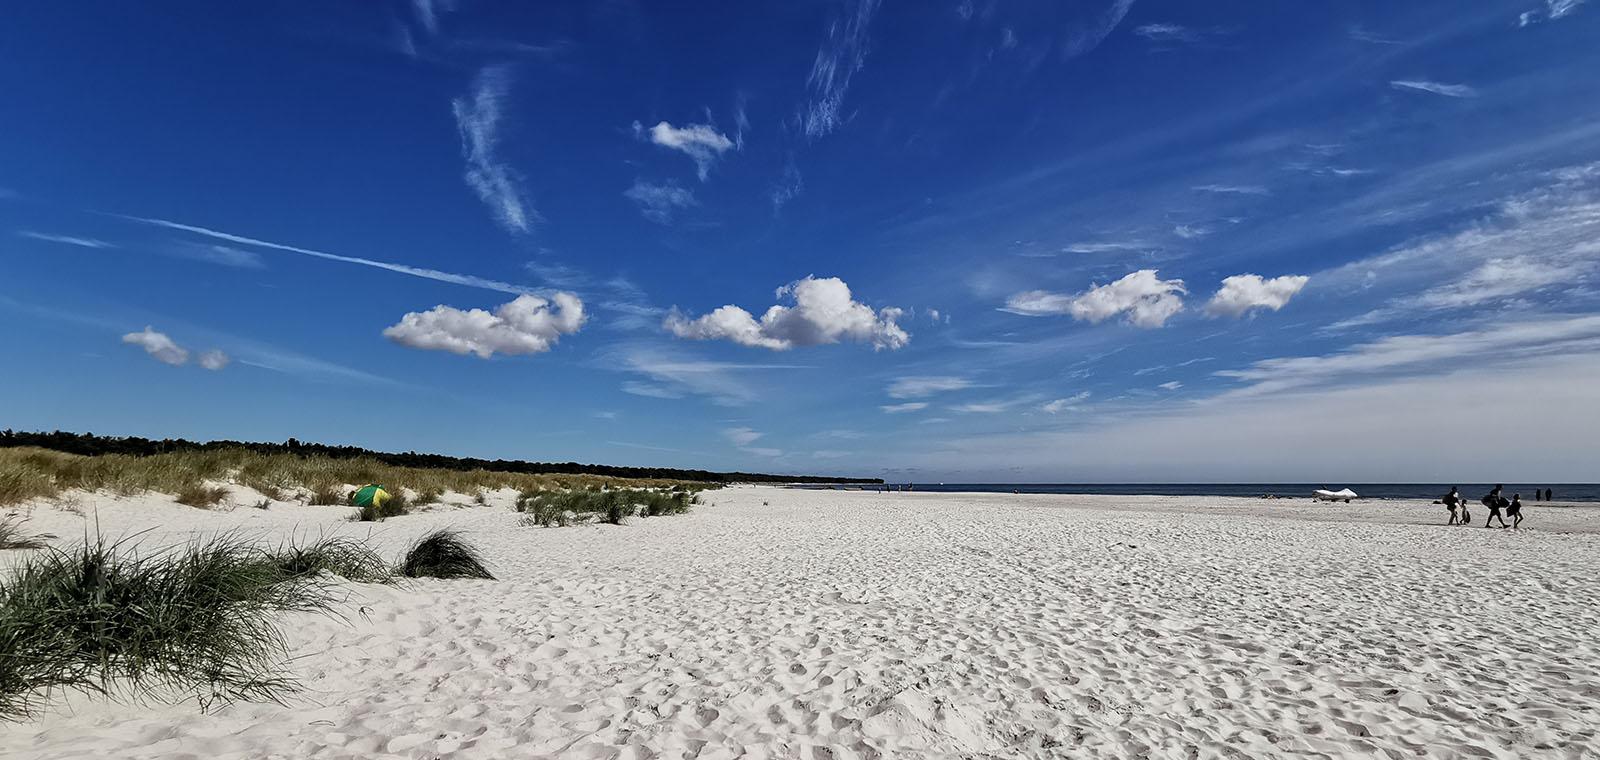 Strand von Dueodde auf Bornholm im Sommer 2020